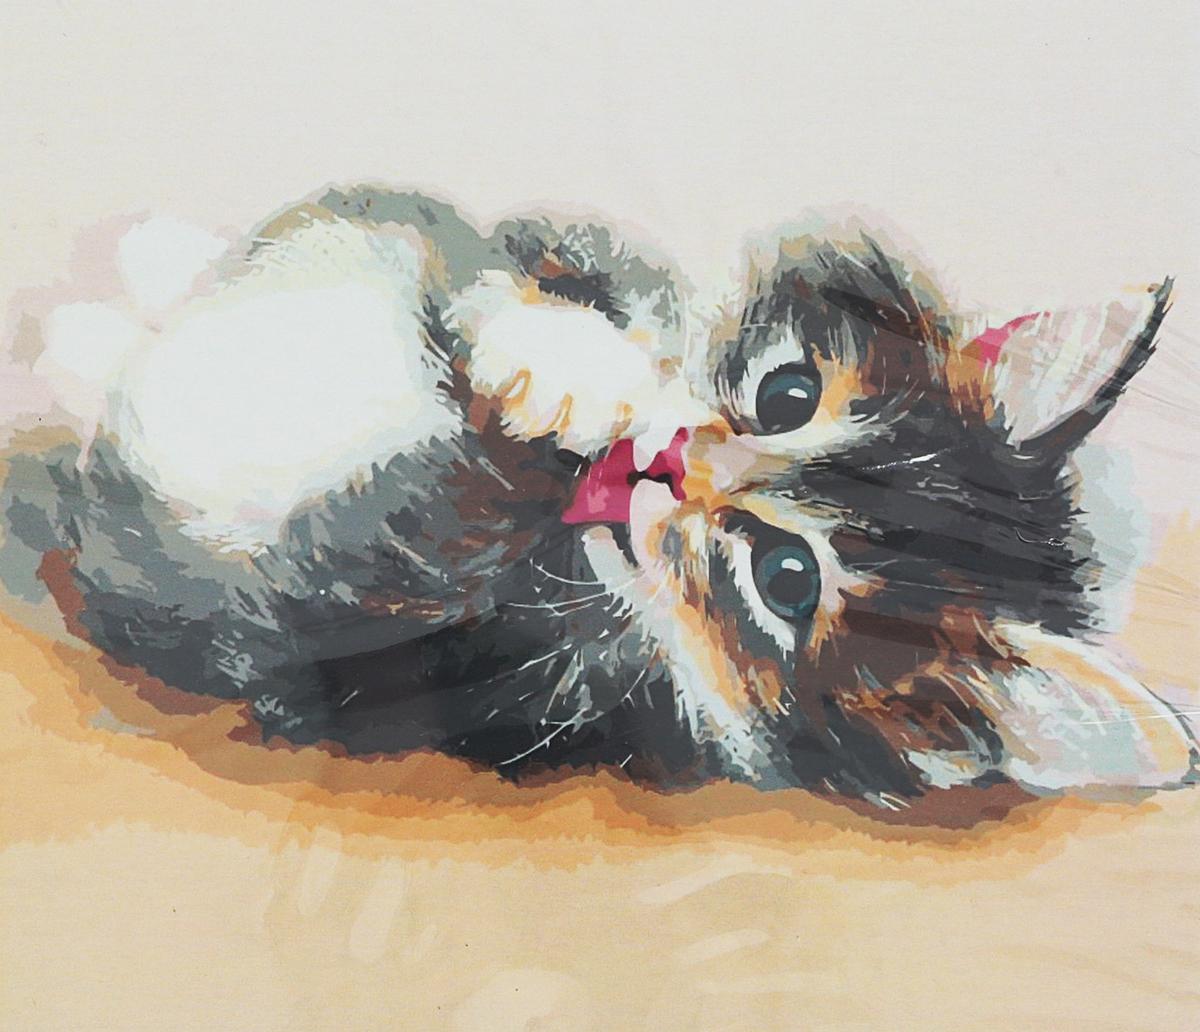 Набор для рисования по номерам Цветной Милый котенок, 40 х 50 см набор для рисования по номерам цветной милый котенок 40 х 50 см